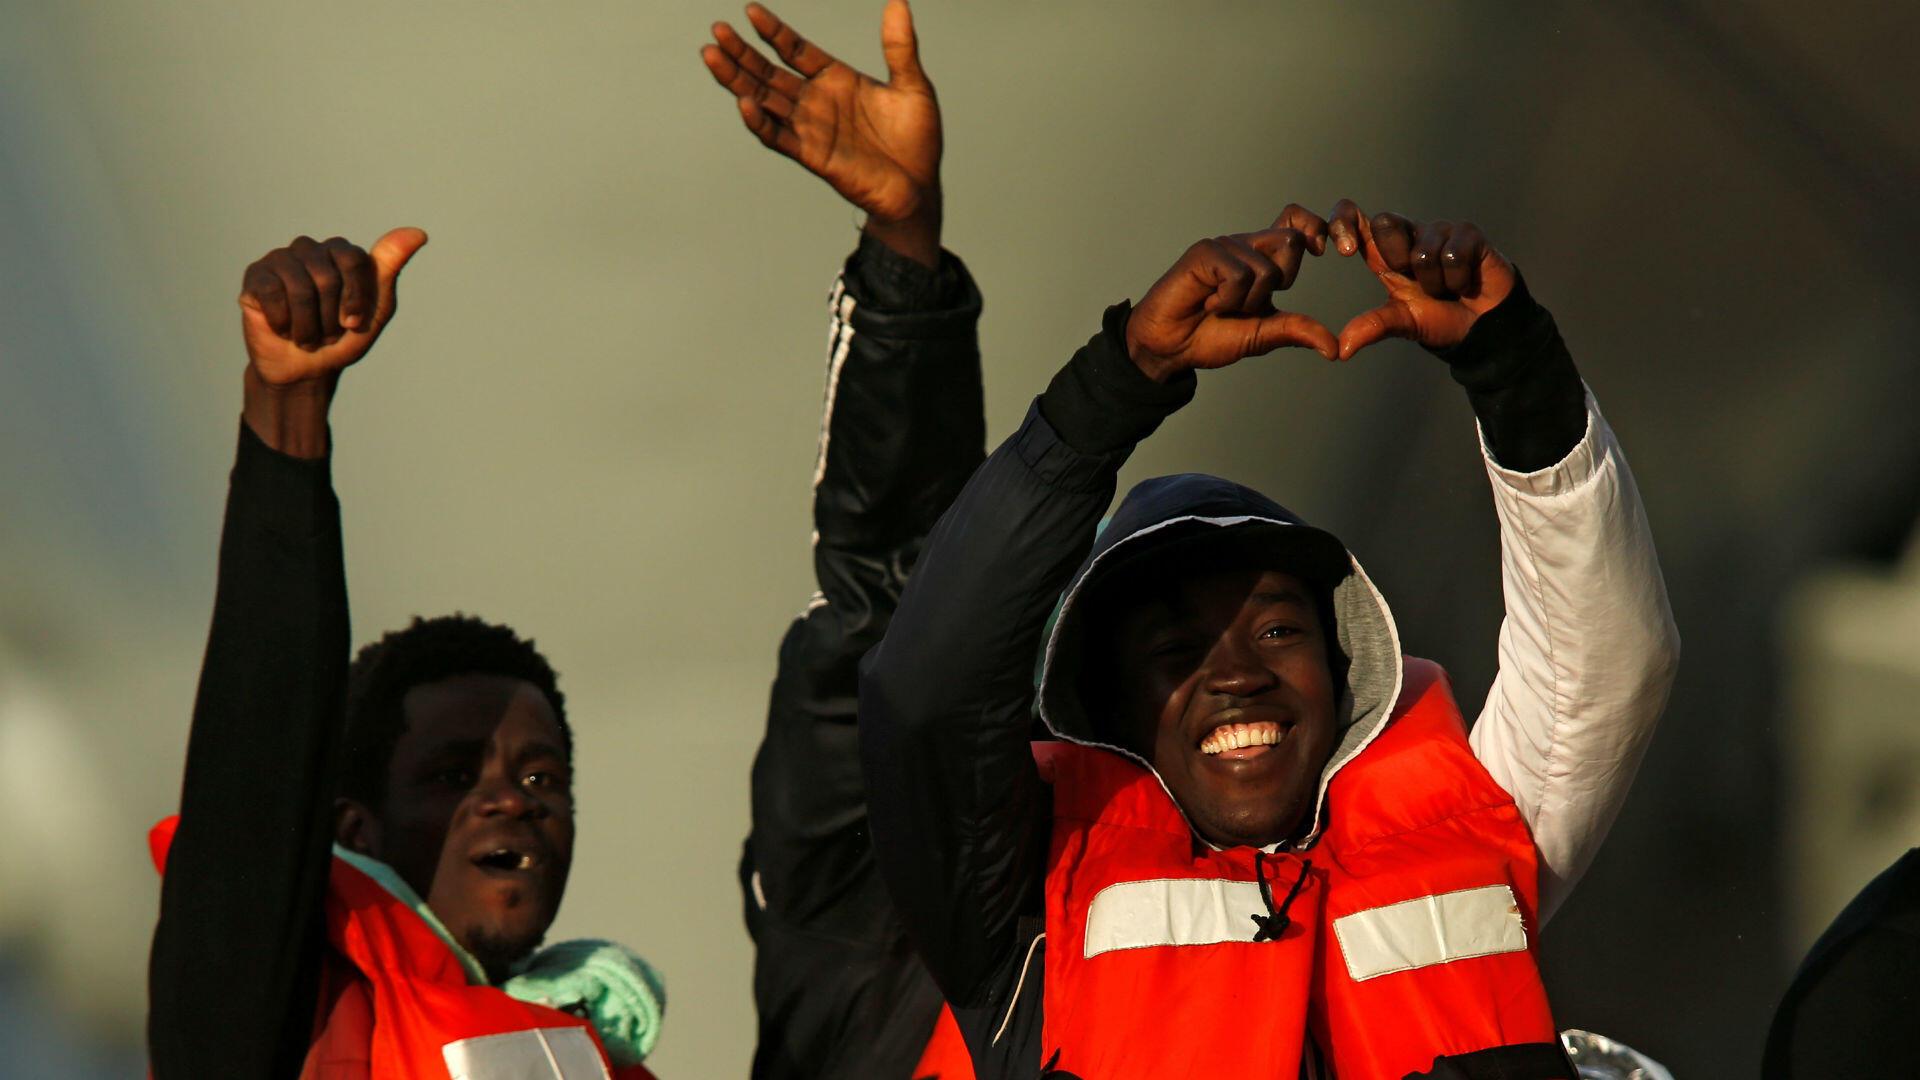 Varios de los migrantes rescatados por Sea-Watch y Sea Eye mientras desembarcaban de un bote de las Fuerzas Armadas de Malta en un puerto en La Valeta, Malta, el 9 de enero de 2019.